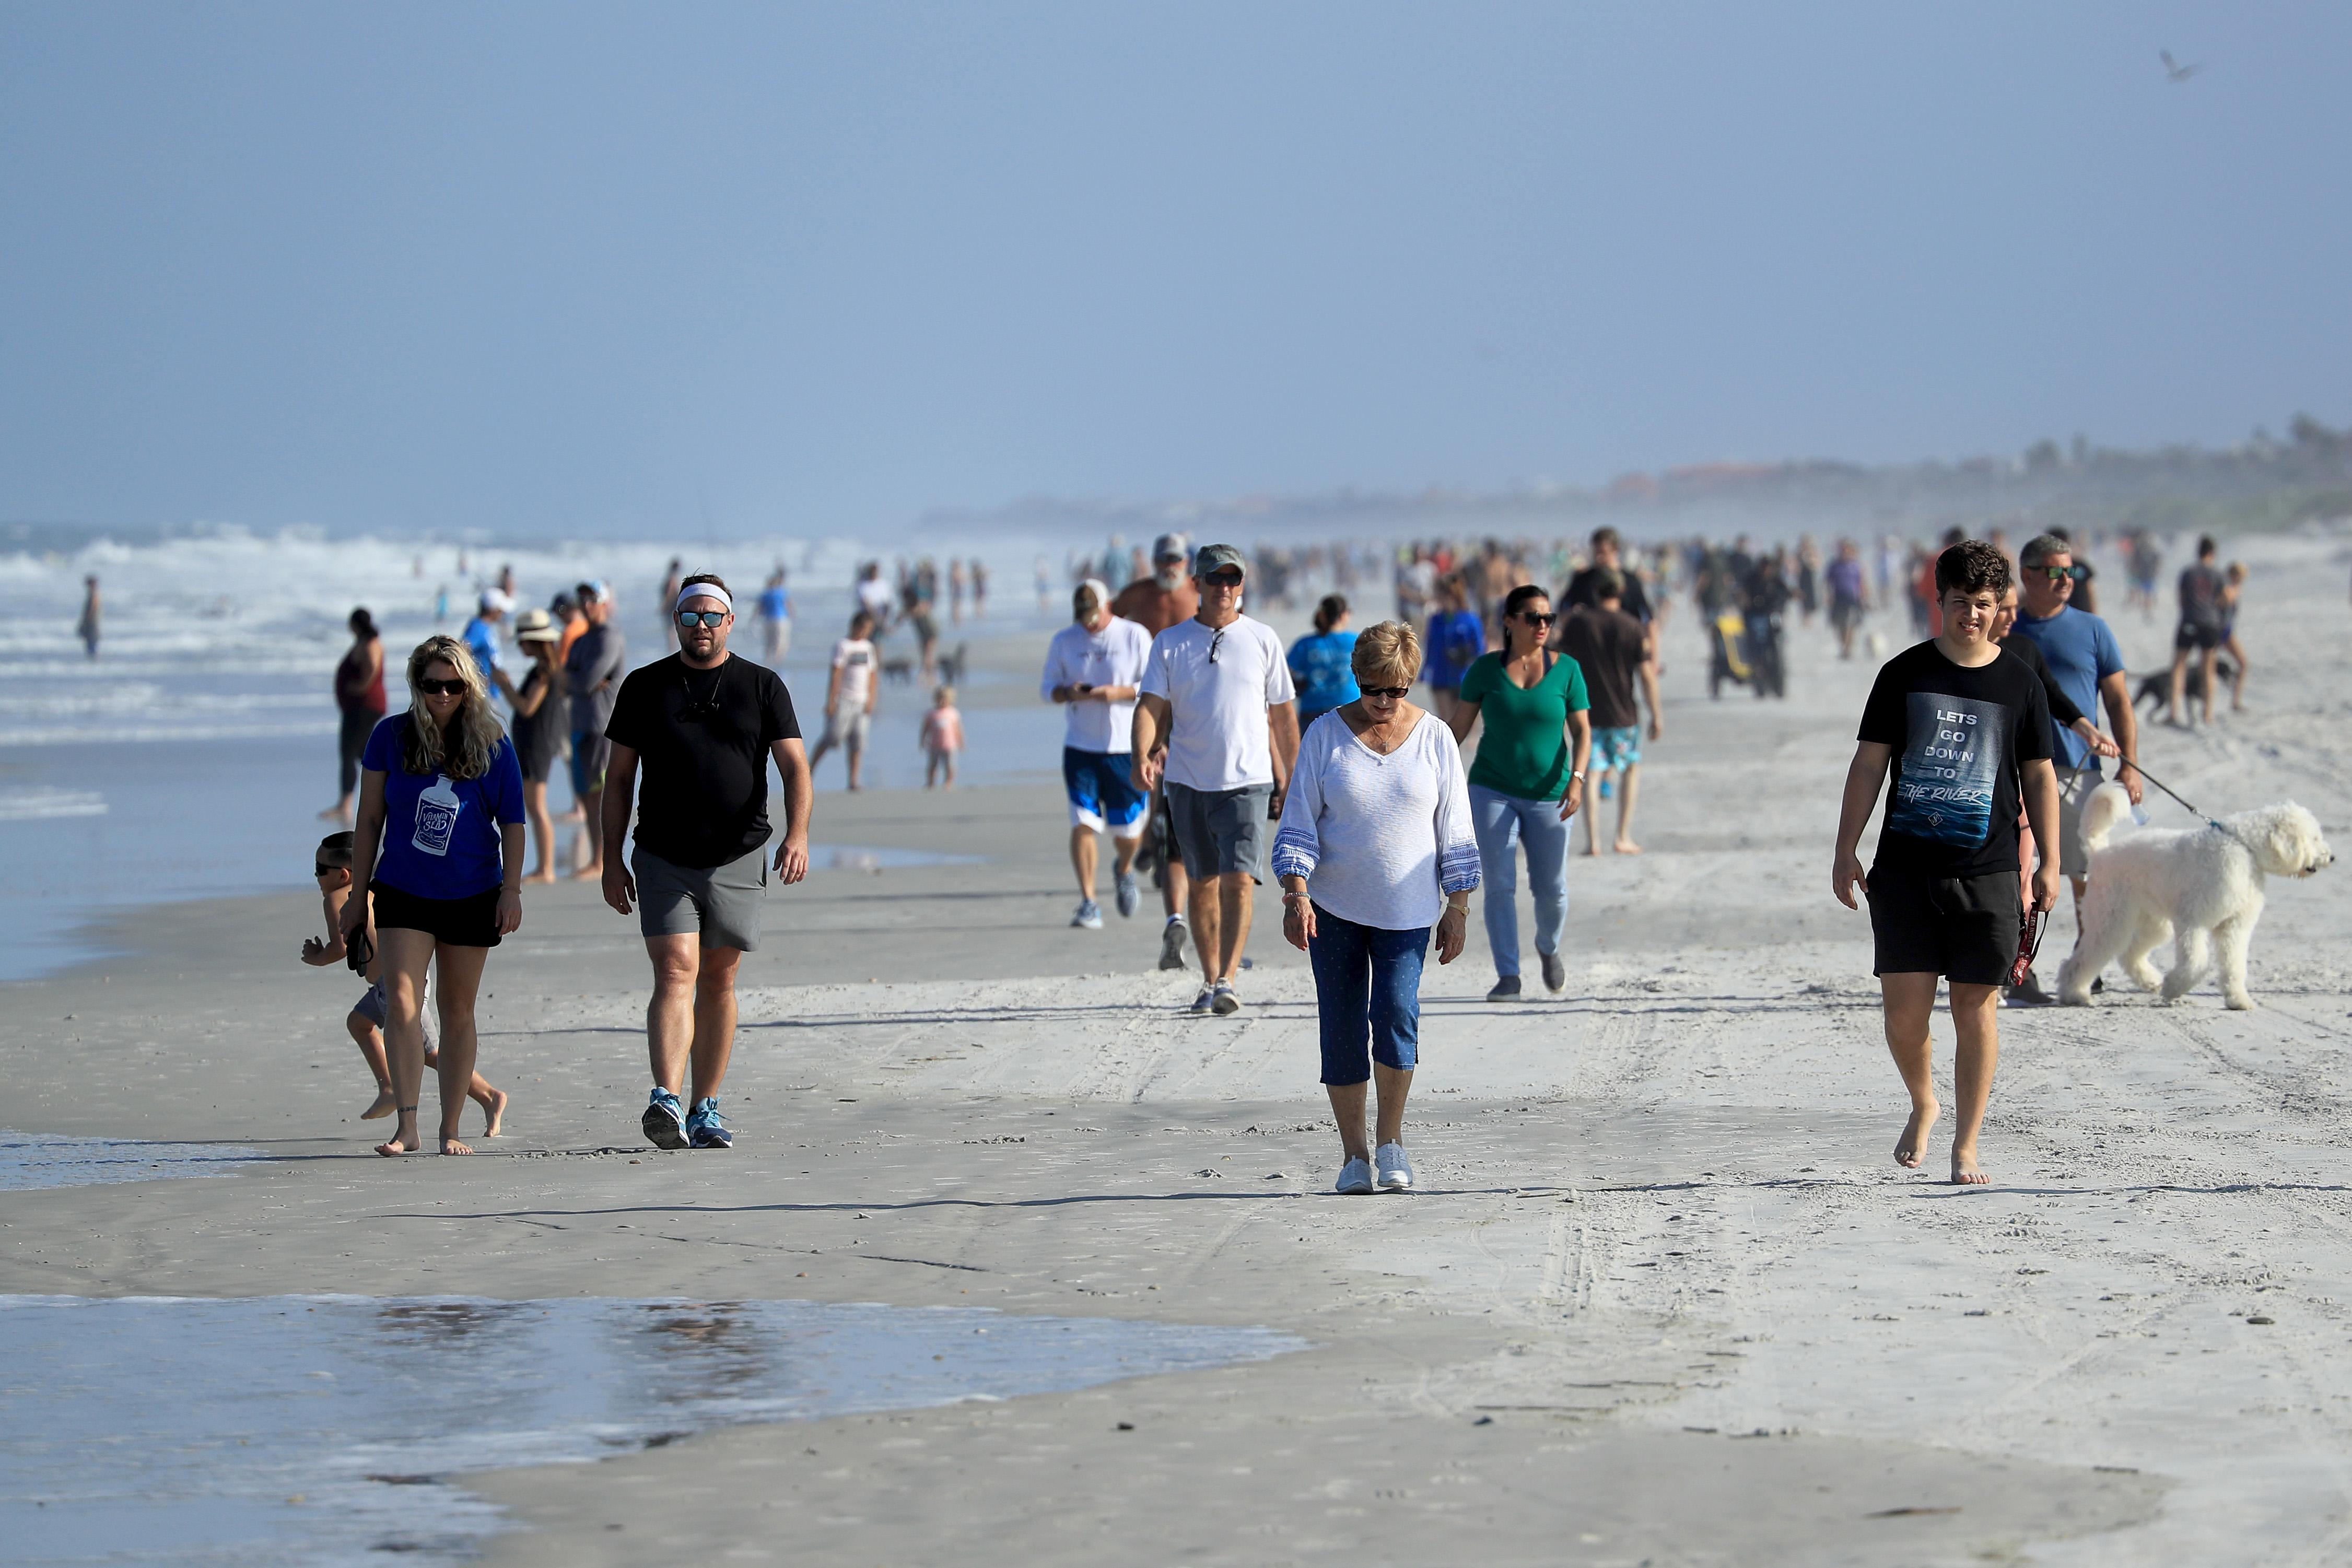 """""""Idiotas de Florida"""": Las increíbles imágenes de playas inundadas de gente a pesar del coronavirus"""